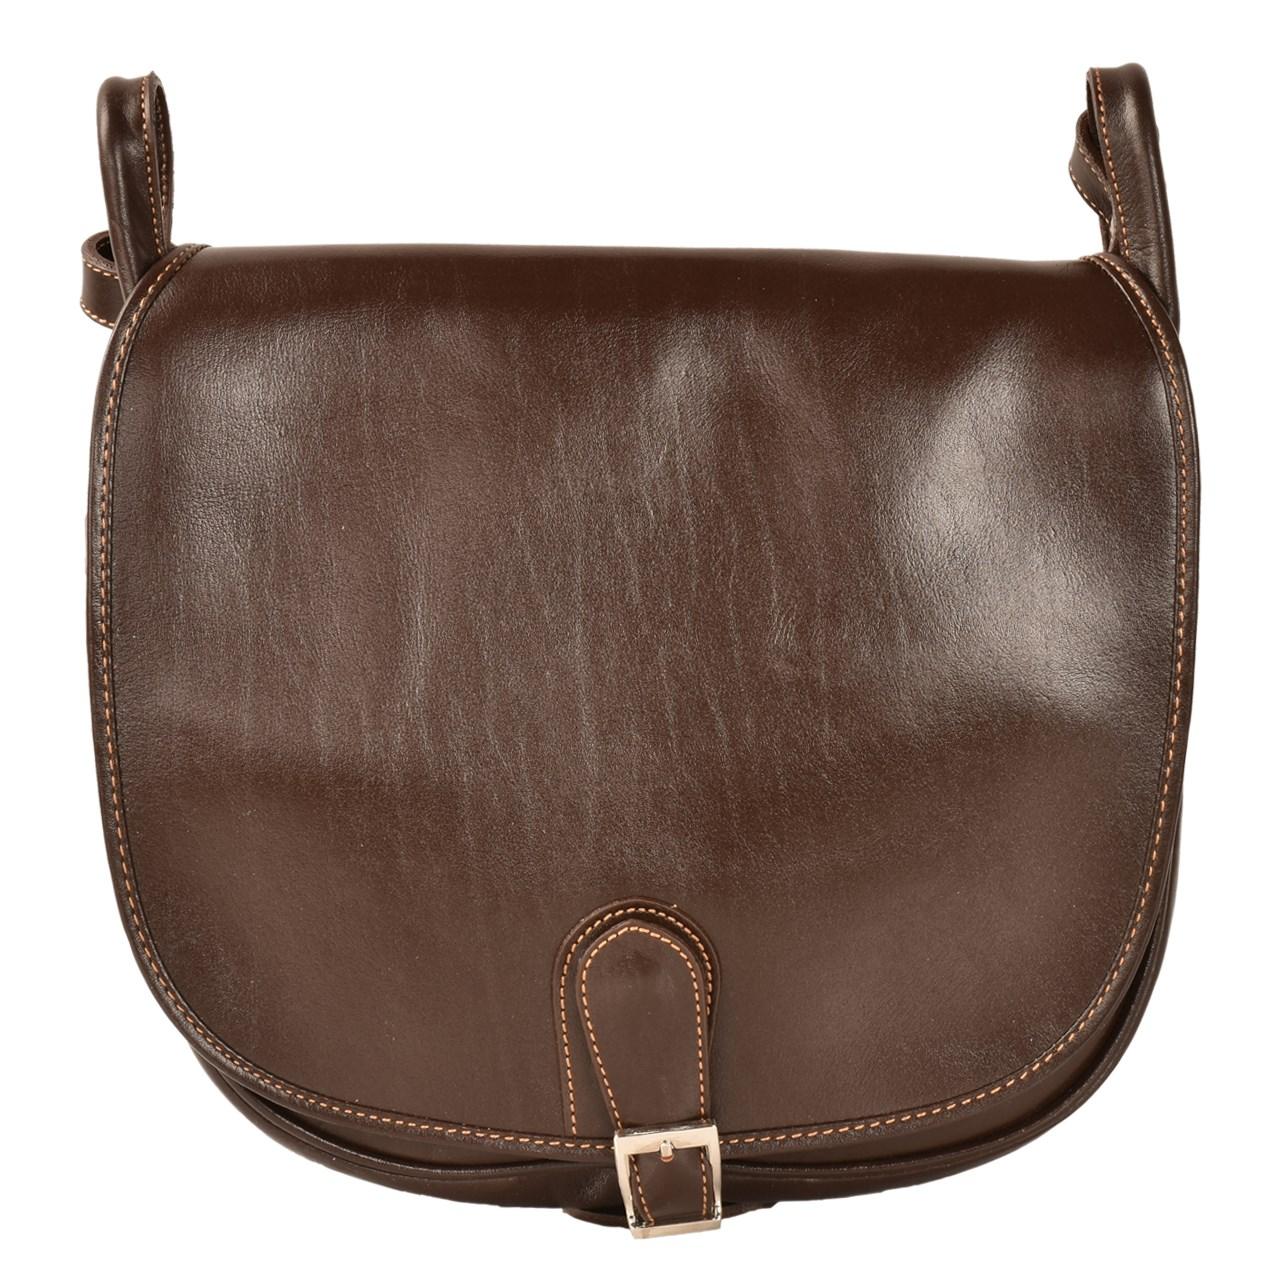 قیمت کیف رو دوشی چرم طبیعی کهن چرم مدل V153-7